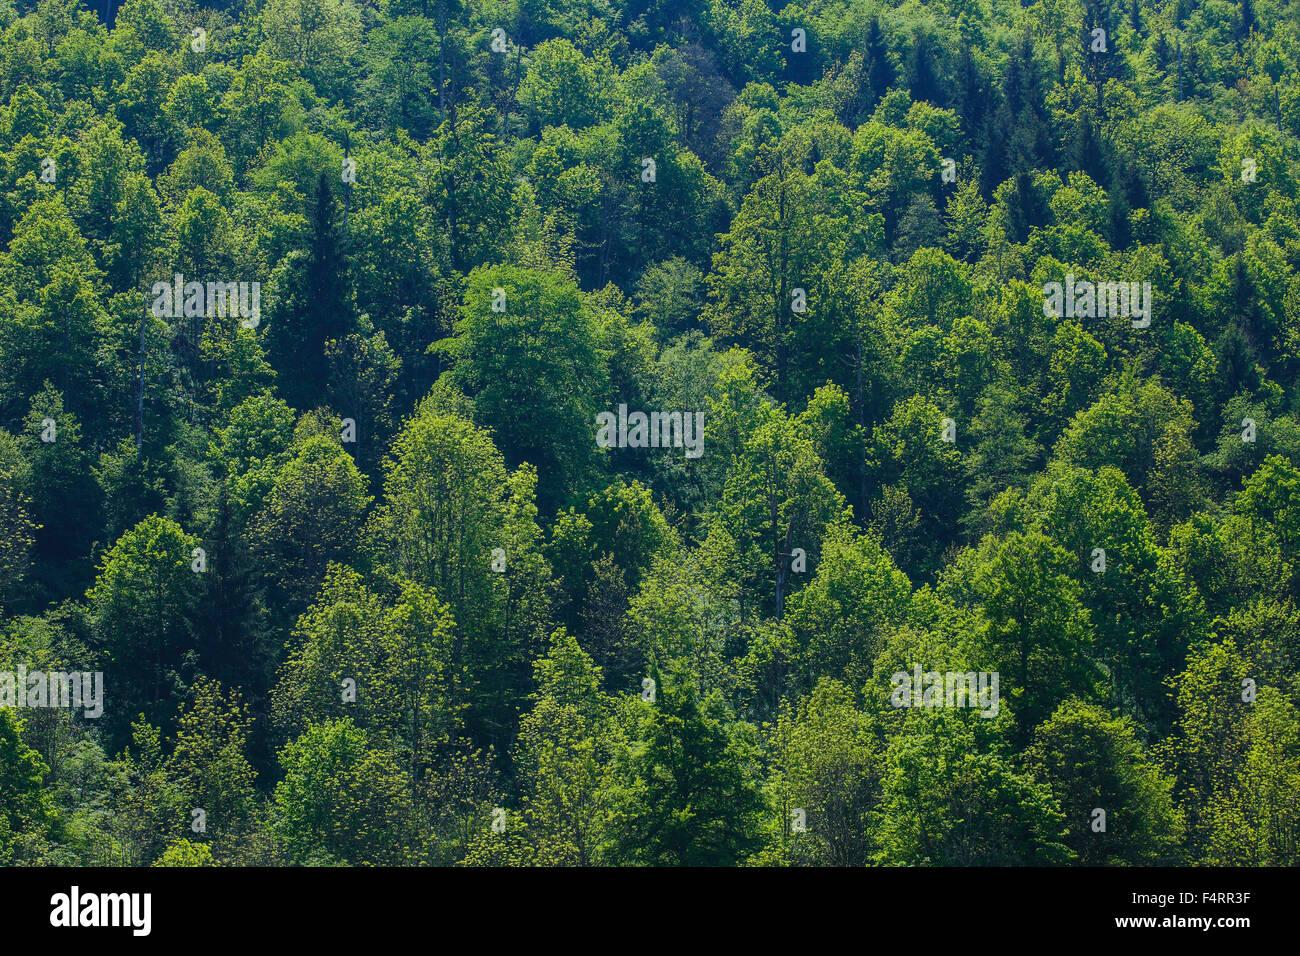 Schneiden, Teil, Baum, Buche, Bäume, Detail, Frühling, Kanton Glarus, Hintergrund, Abstrakt, grüne, Stockbild